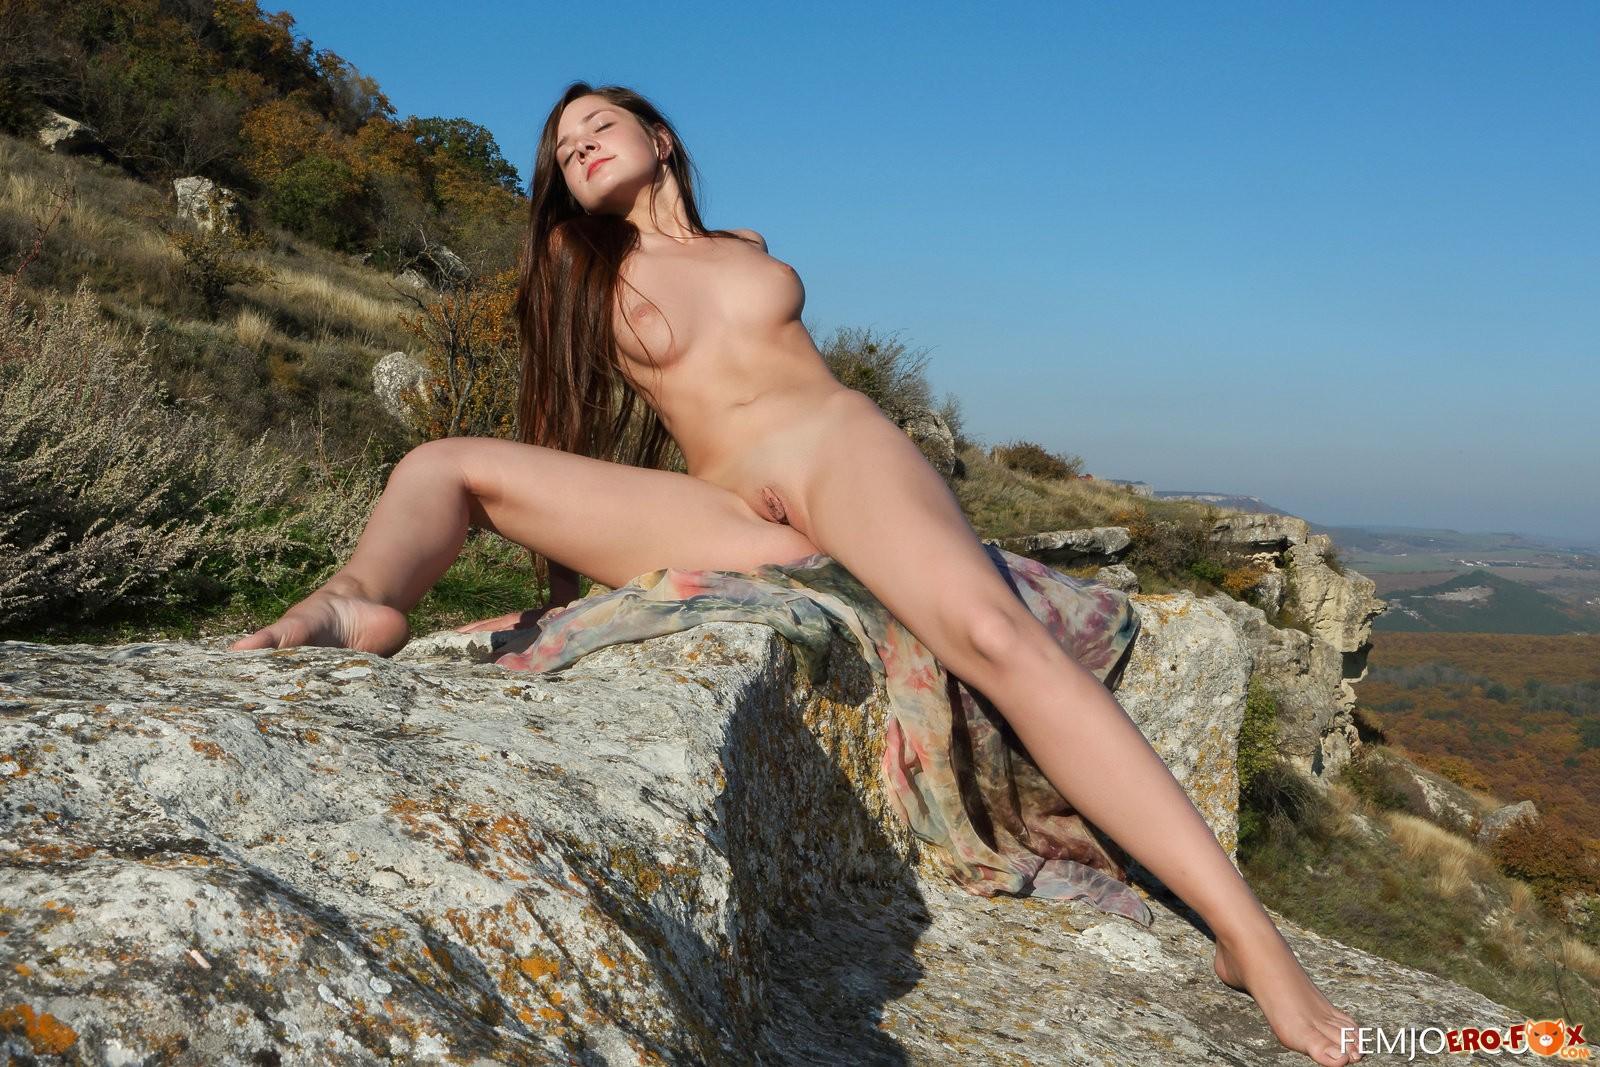 Голая девушка в горах - смотреть и скачать фото.